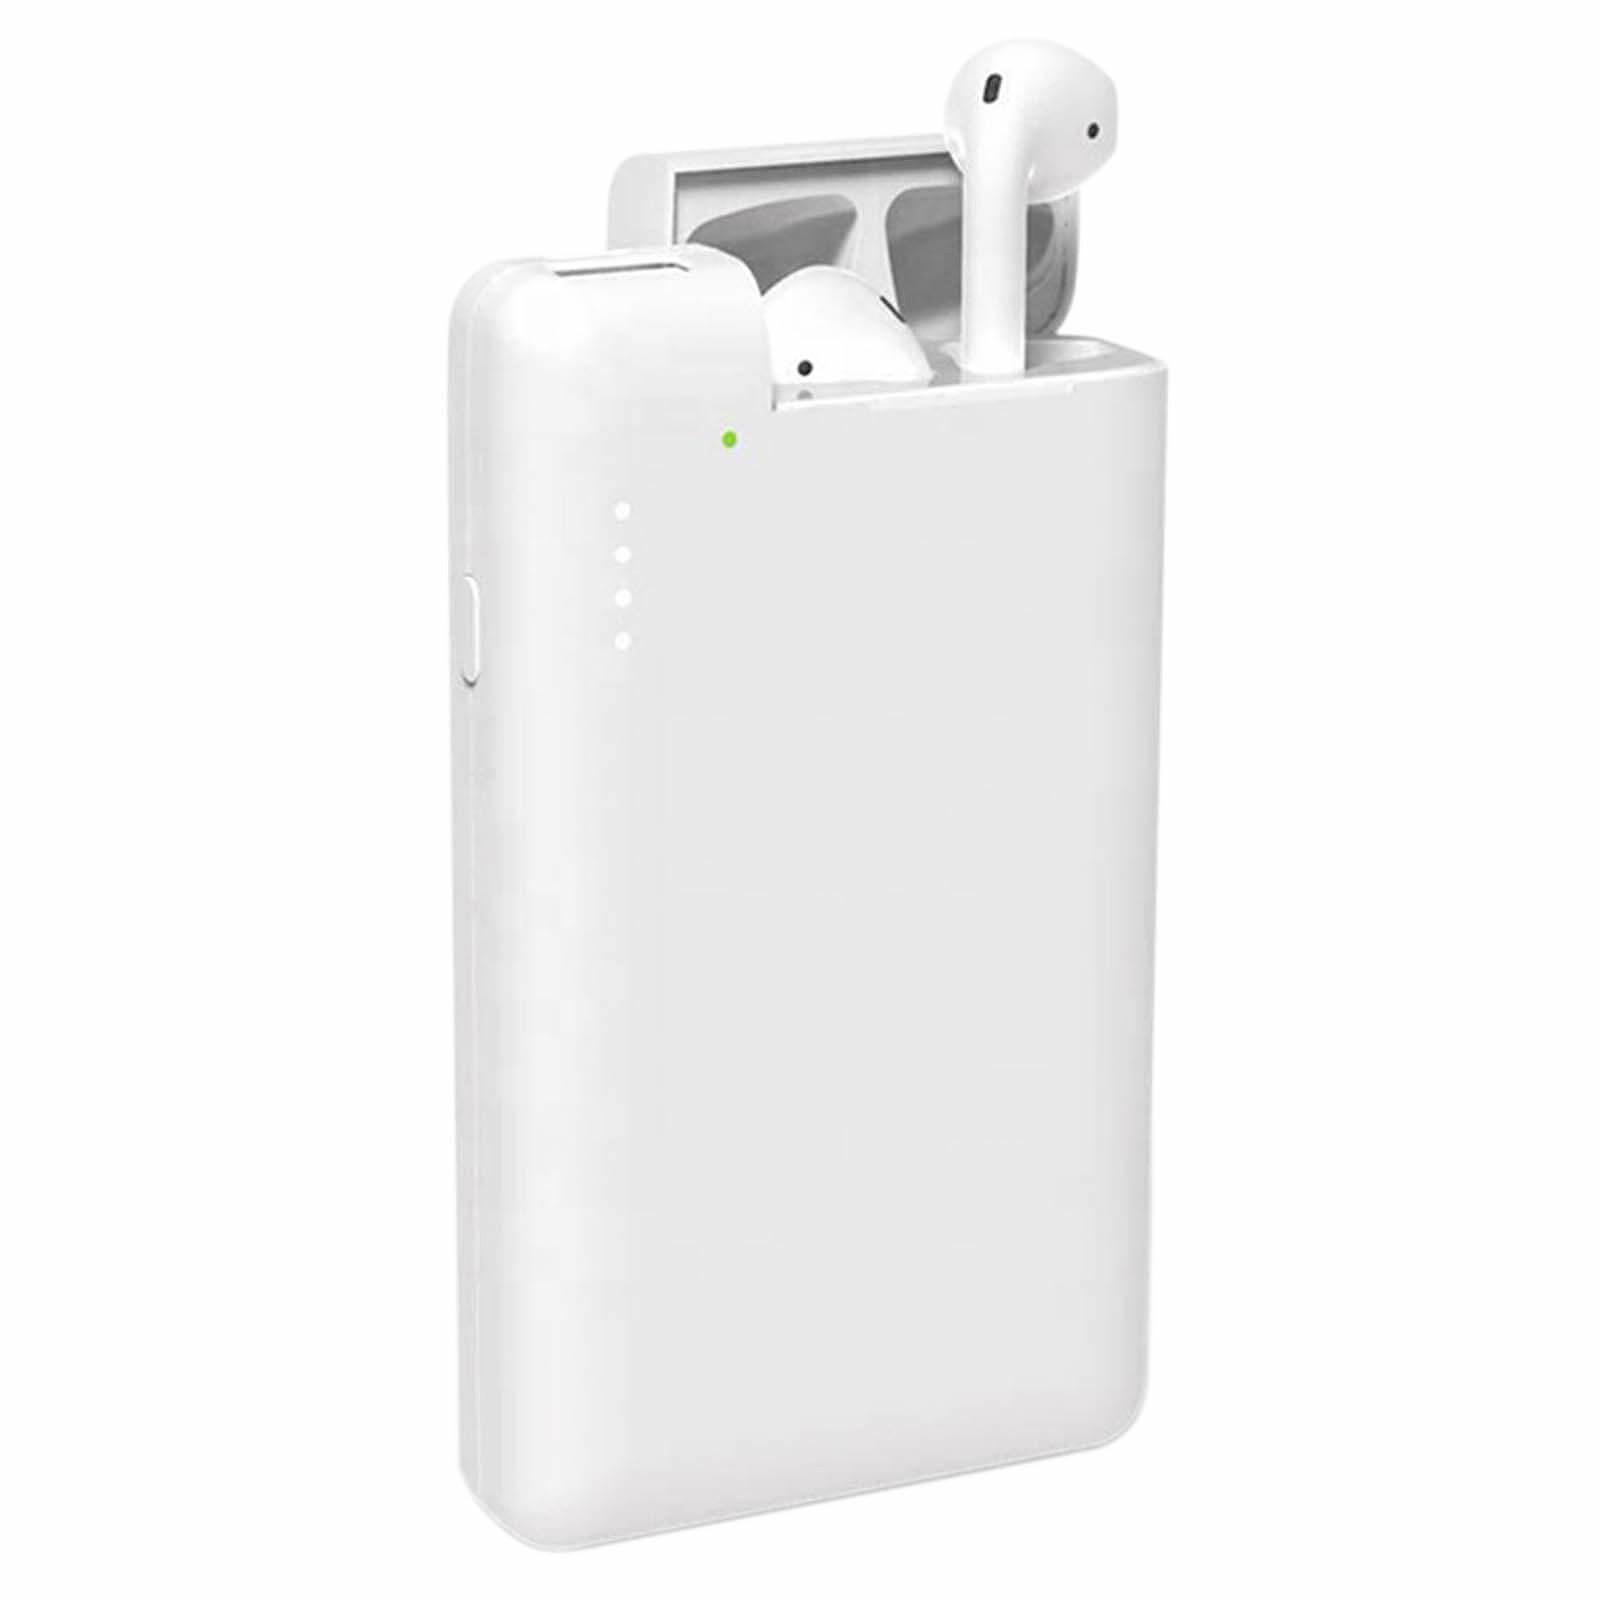 Avizar Chargeur de secours Blanc pour Smartphones et tablettes